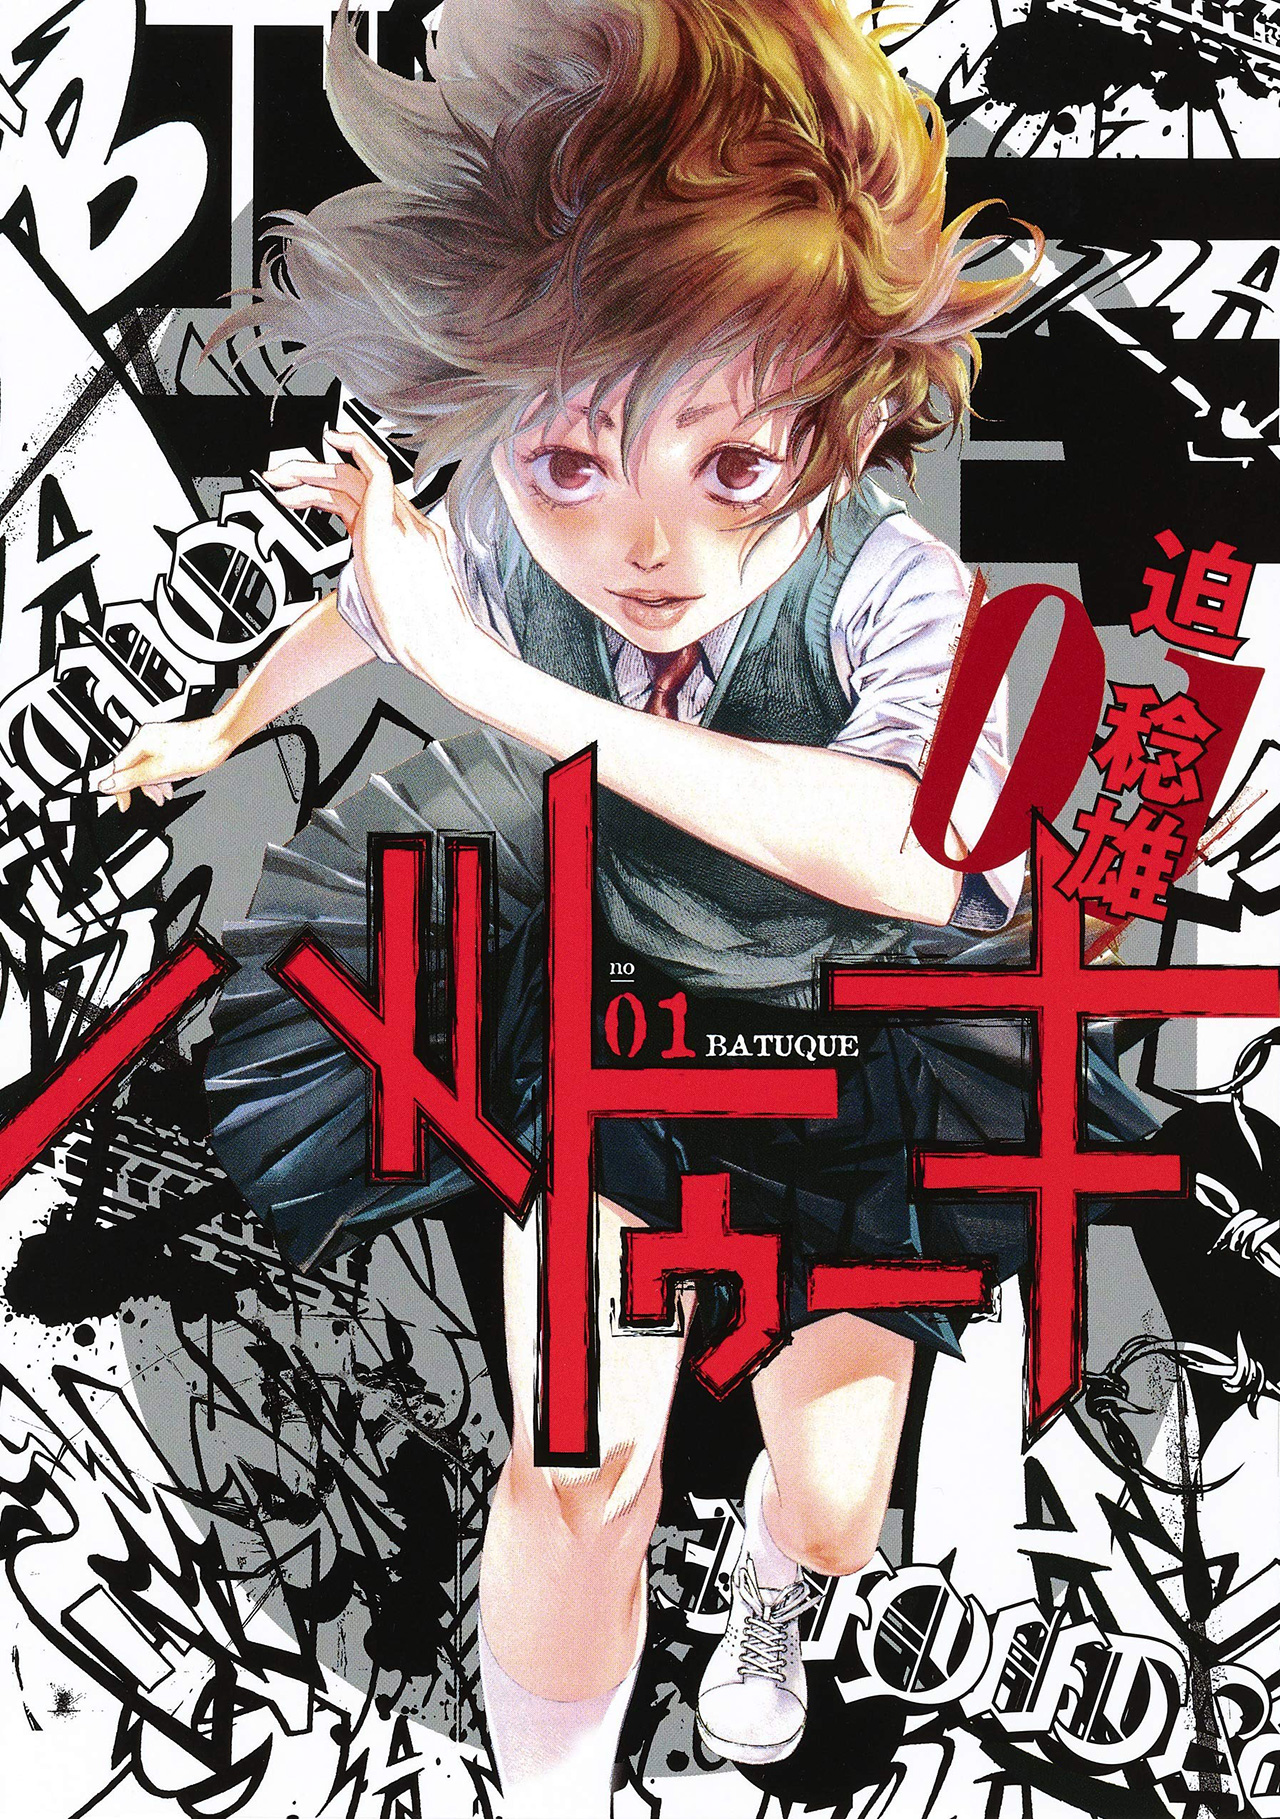 Capa do volume 1 de Batuque